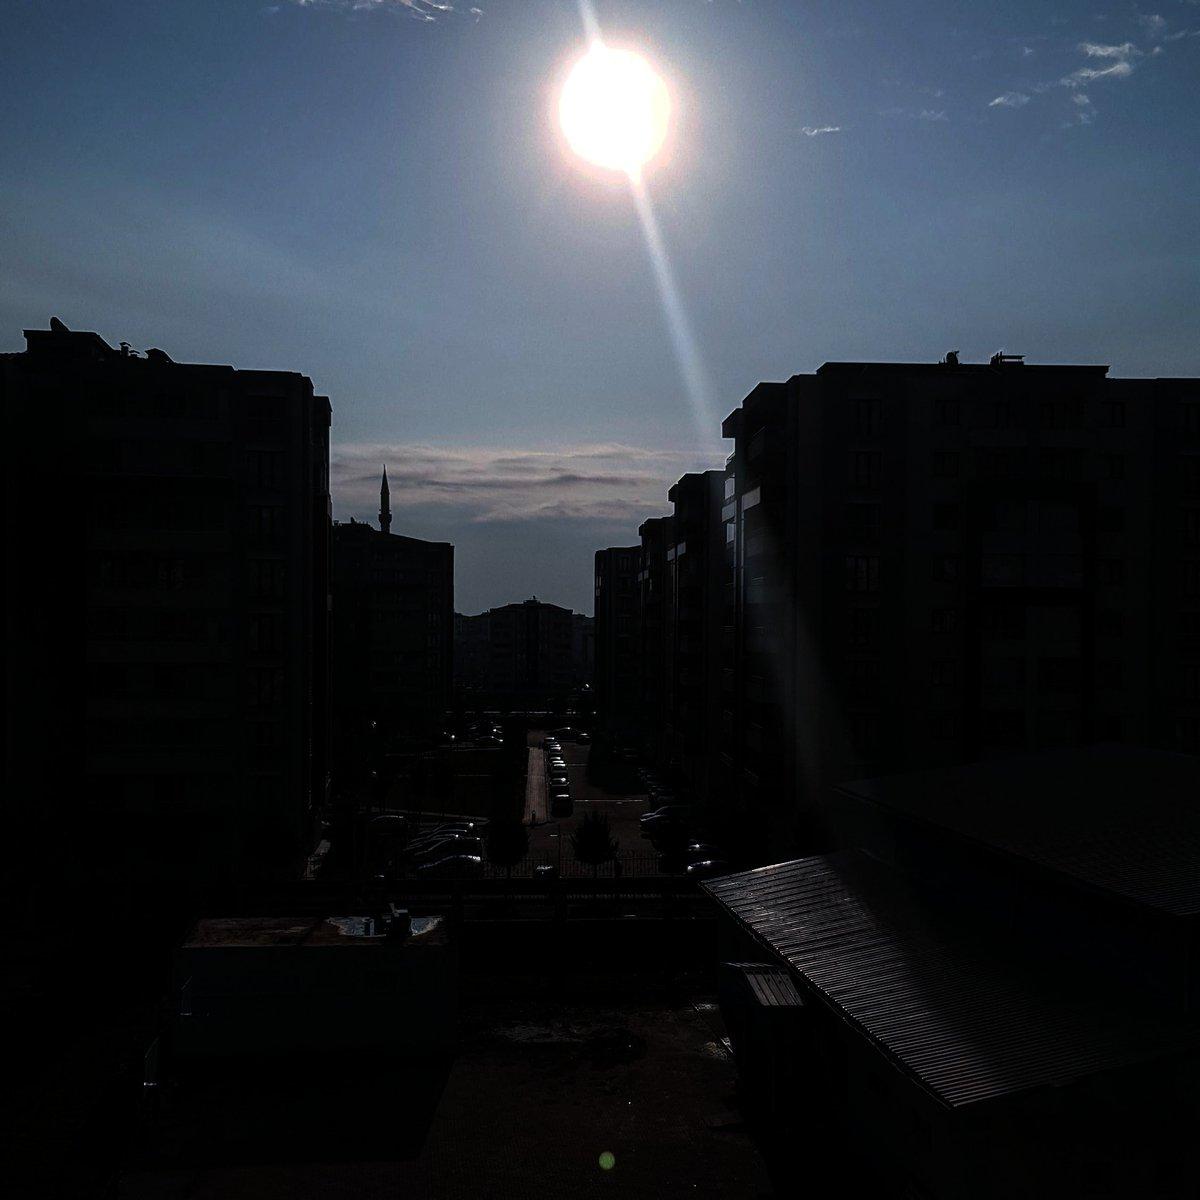 Rojbaş ji bo di vê sibehê de bi tarîtiya tavê re hişiyar bûne re. Tav gelo ronî dike yan jî roniyê didize? Yan Ev tarîtî ji ku derê dinizile? #rojbaş #goodmorning #доброеутро #günaydın #amed #diyarbakır #kurdish #sun #güneş  #sky #gökyüzü #ezman #asiman #shine #parlak #romantic